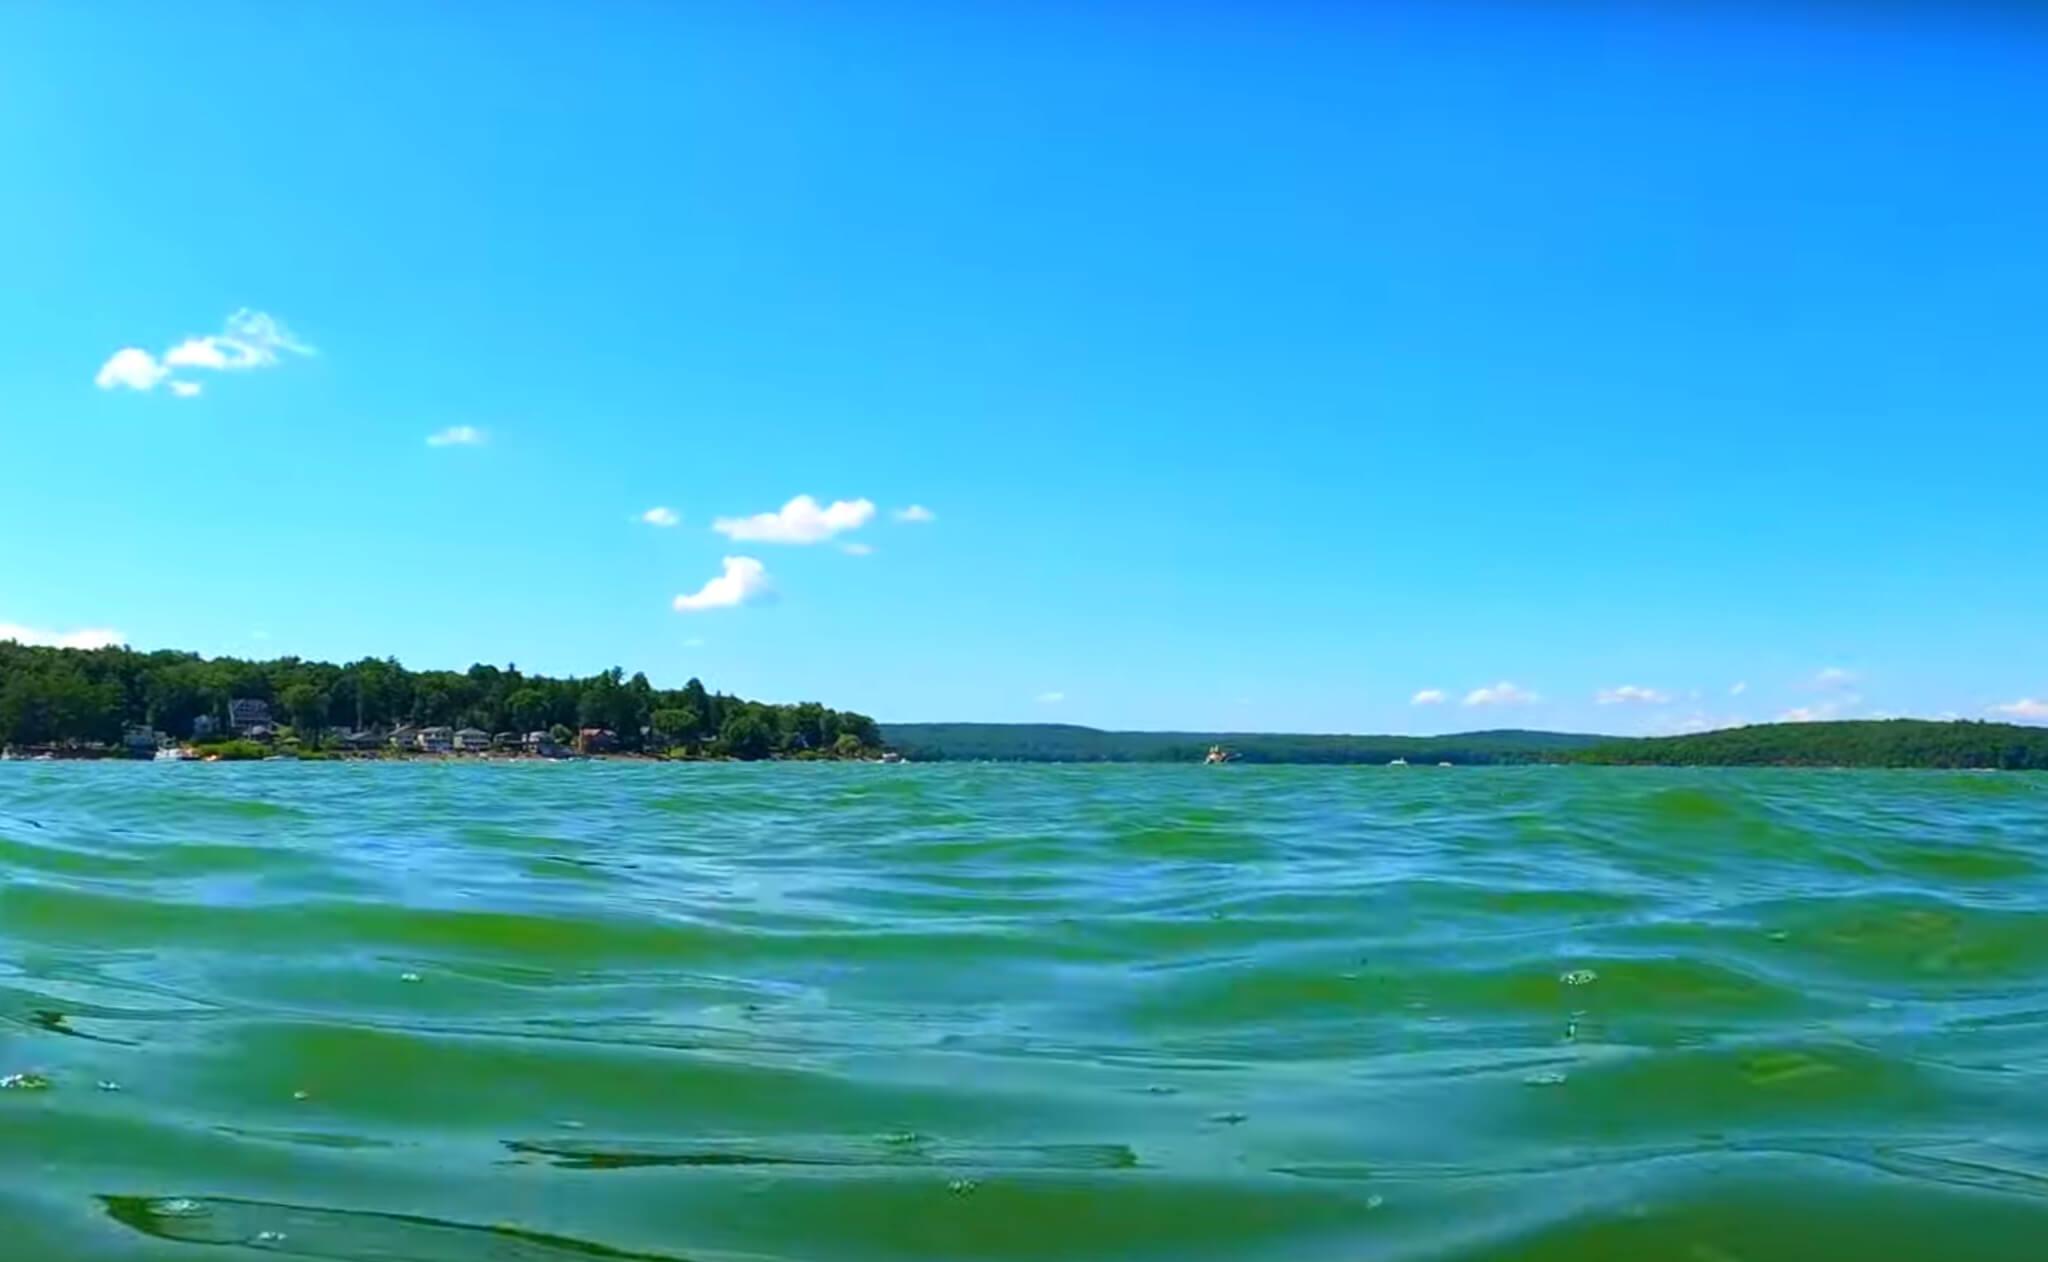 Wallenpaupack-Lake-Fishing-Report-Guide-Pennsylvania-PA-04